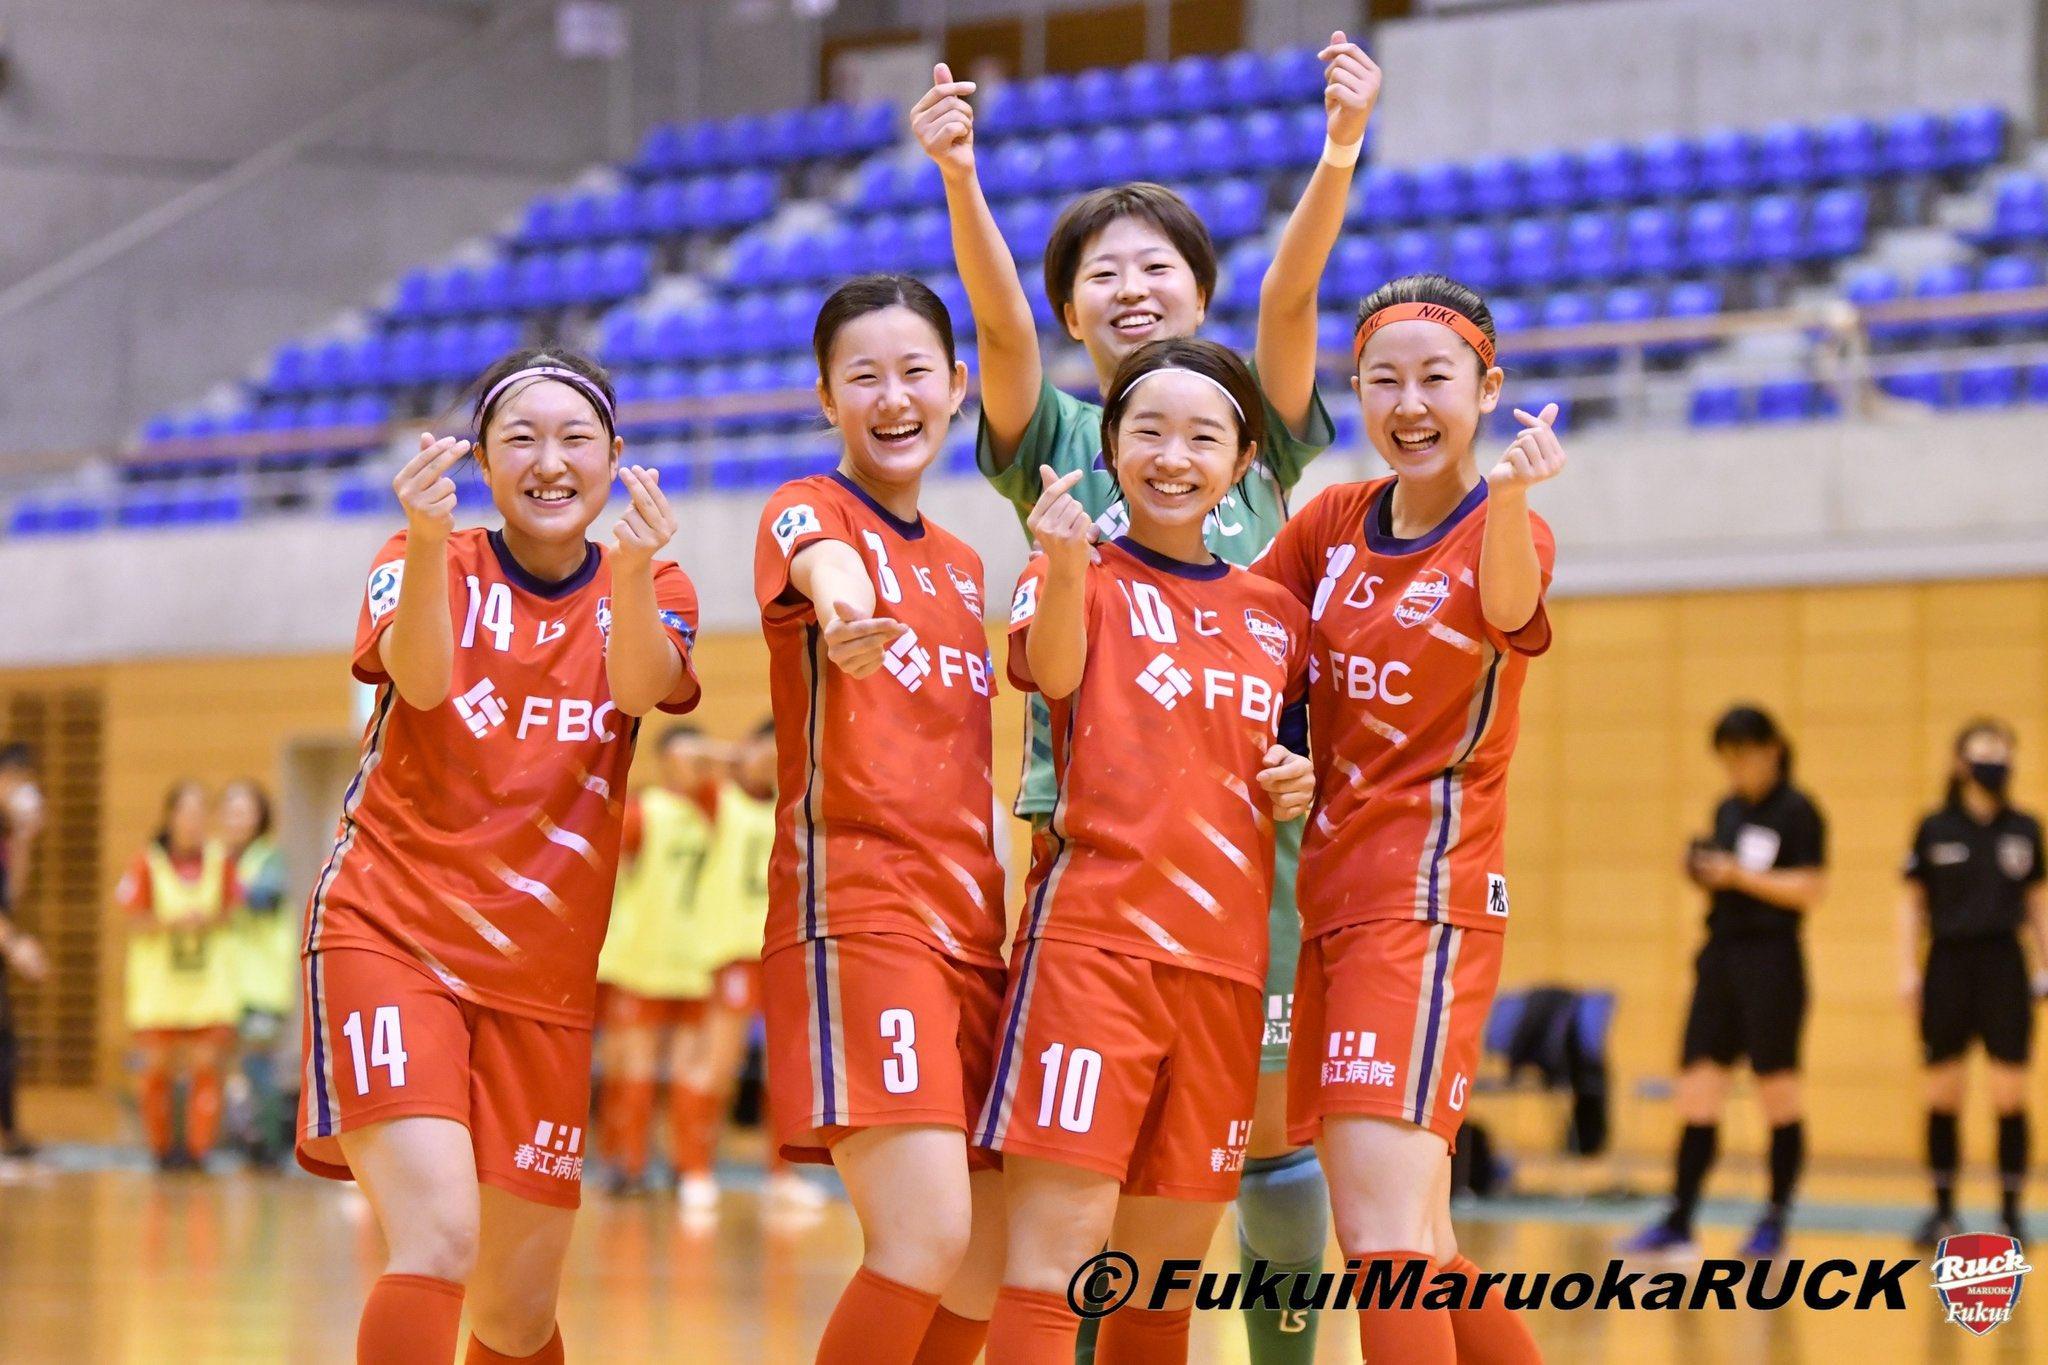 女子 フットサル リーグ 日本